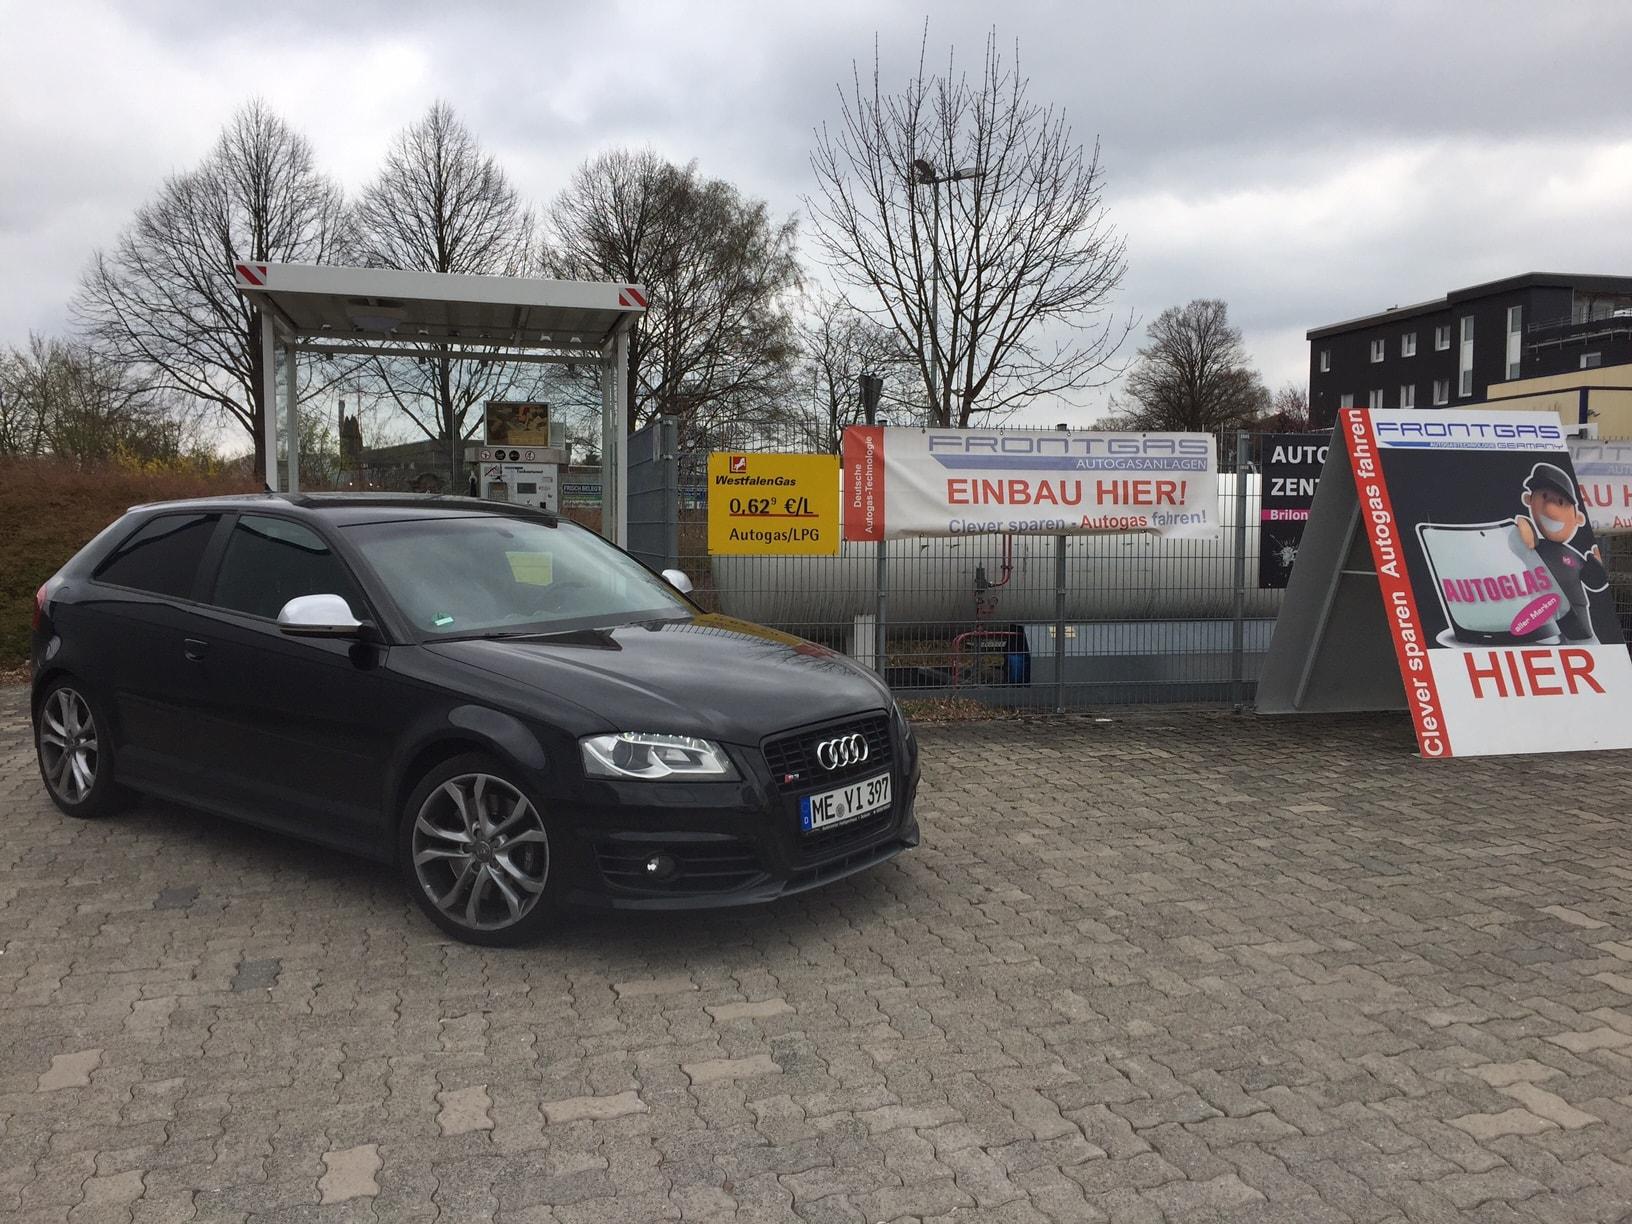 Autogas_R115-Umrüstung-auf-LPG-Autogas_Audi-Q5-2,0TSI-Direkteinspritzer-Titelbild